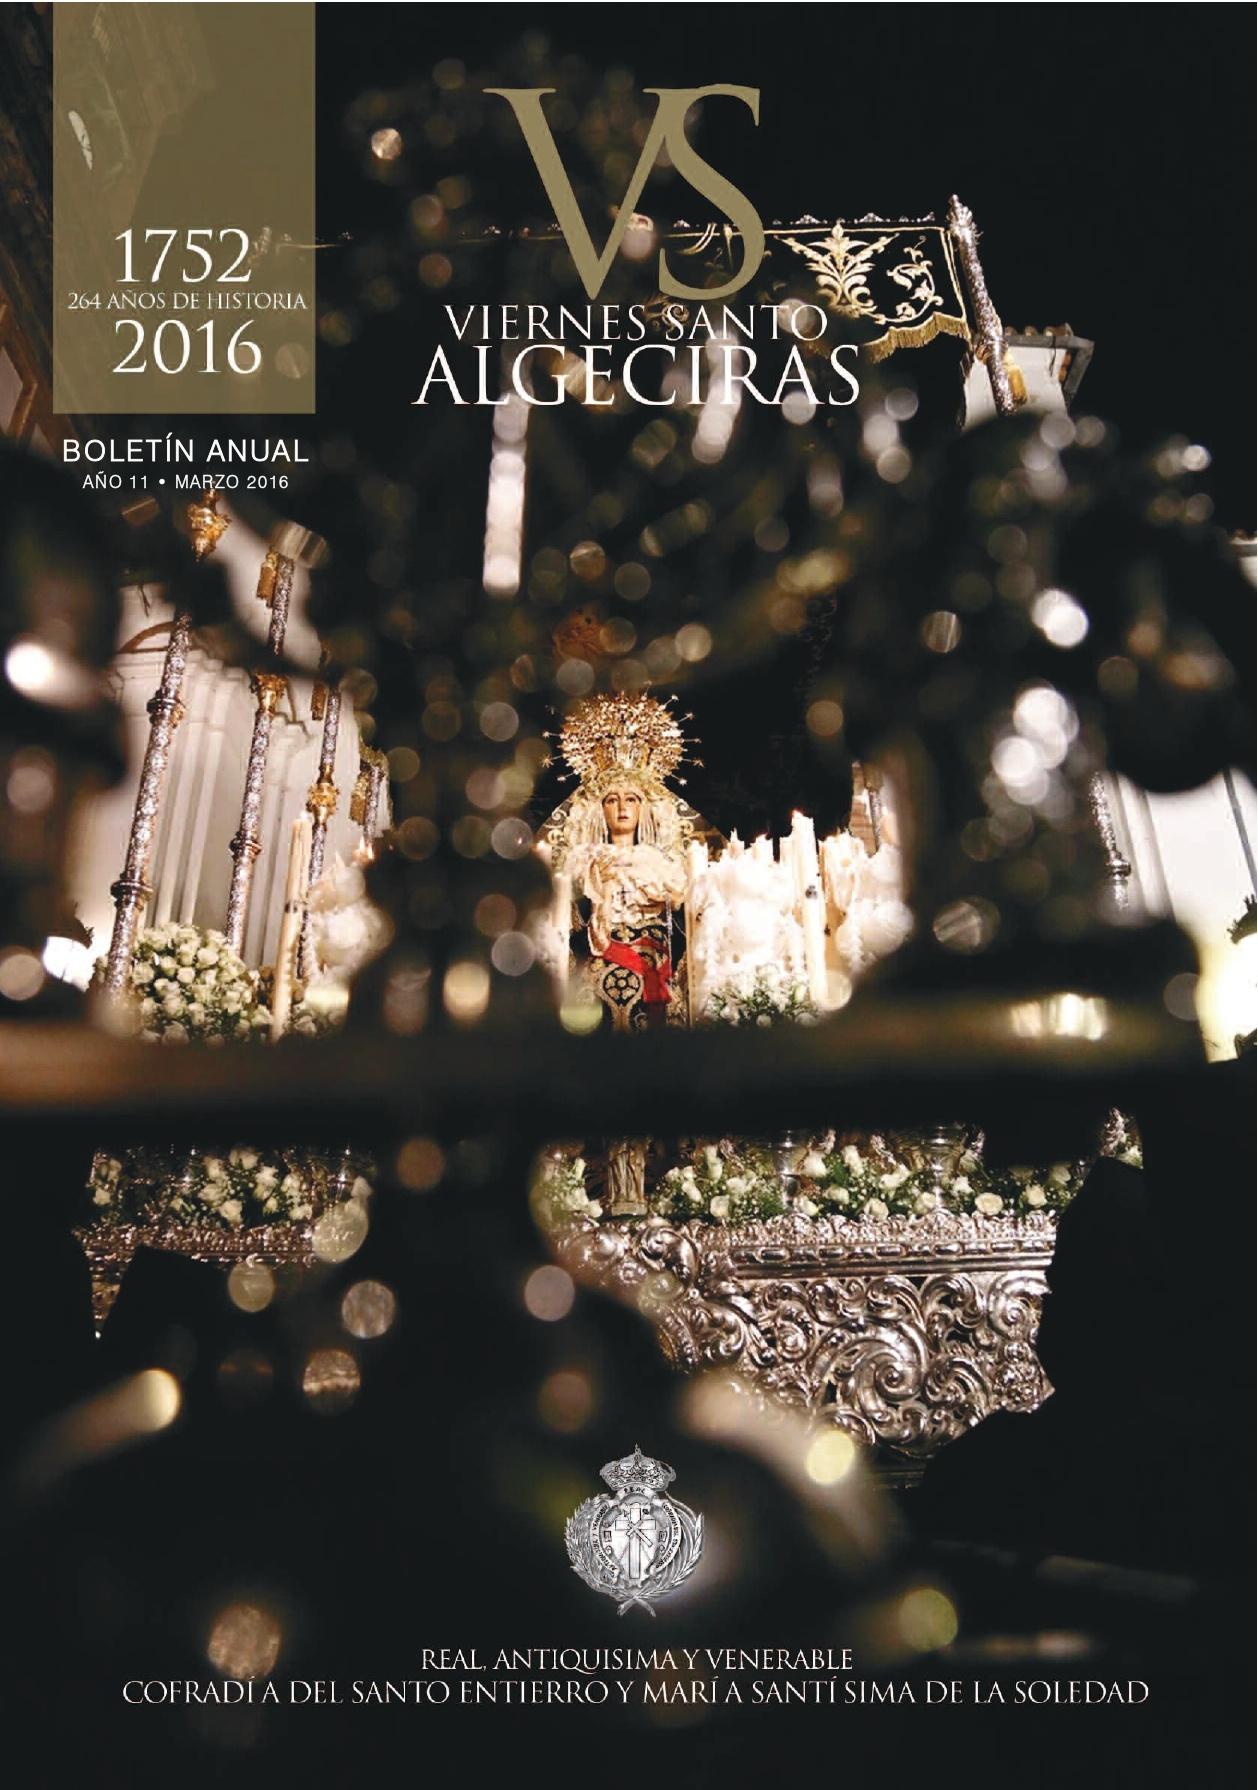 Viernes Santo 2016